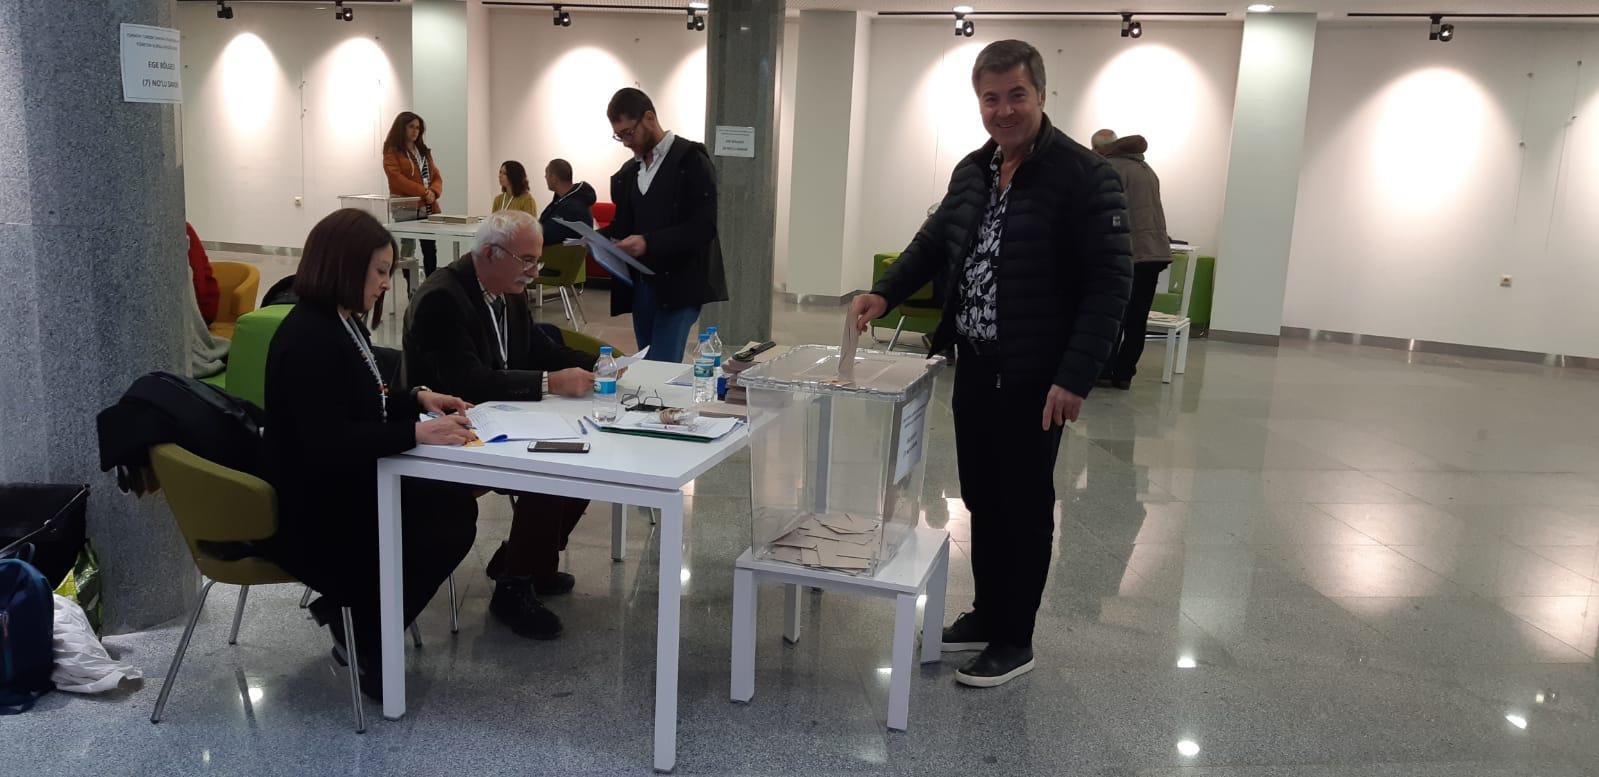 halil özyurt Halil Özyurt, Türkiye Tanıtım ve Geliştirme Ajansı yönetimine seçildi. ege b  lgesi turizm tanitim ajans   secimi 2